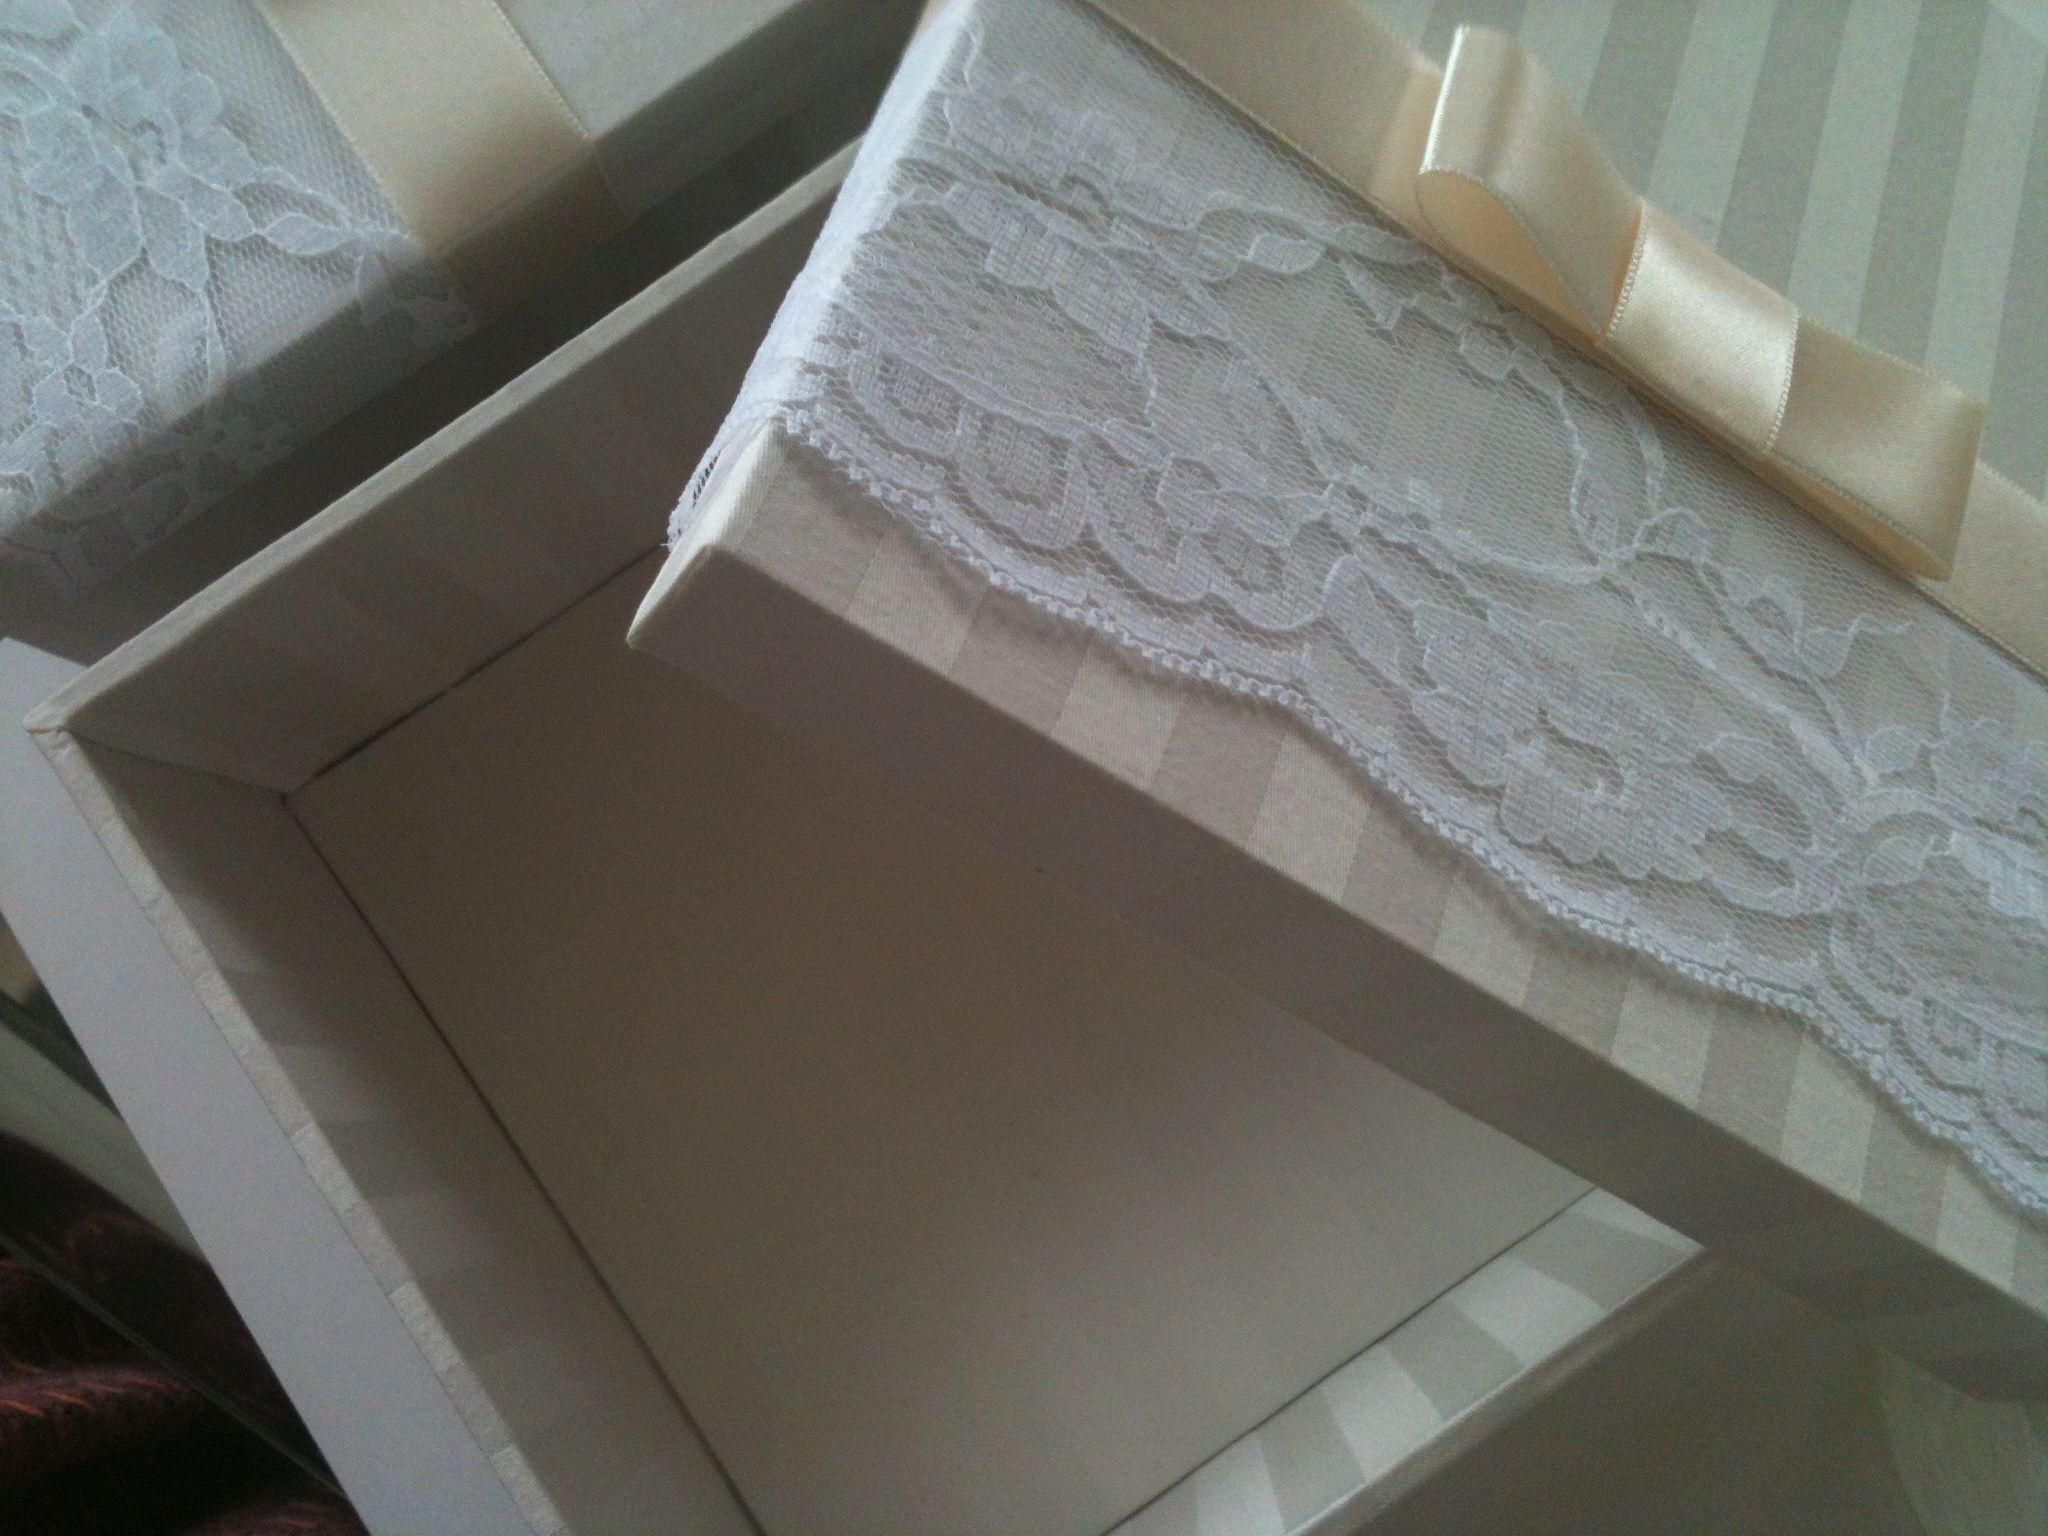 Renda e jacquard caixa para bem casado - lembrança casamento